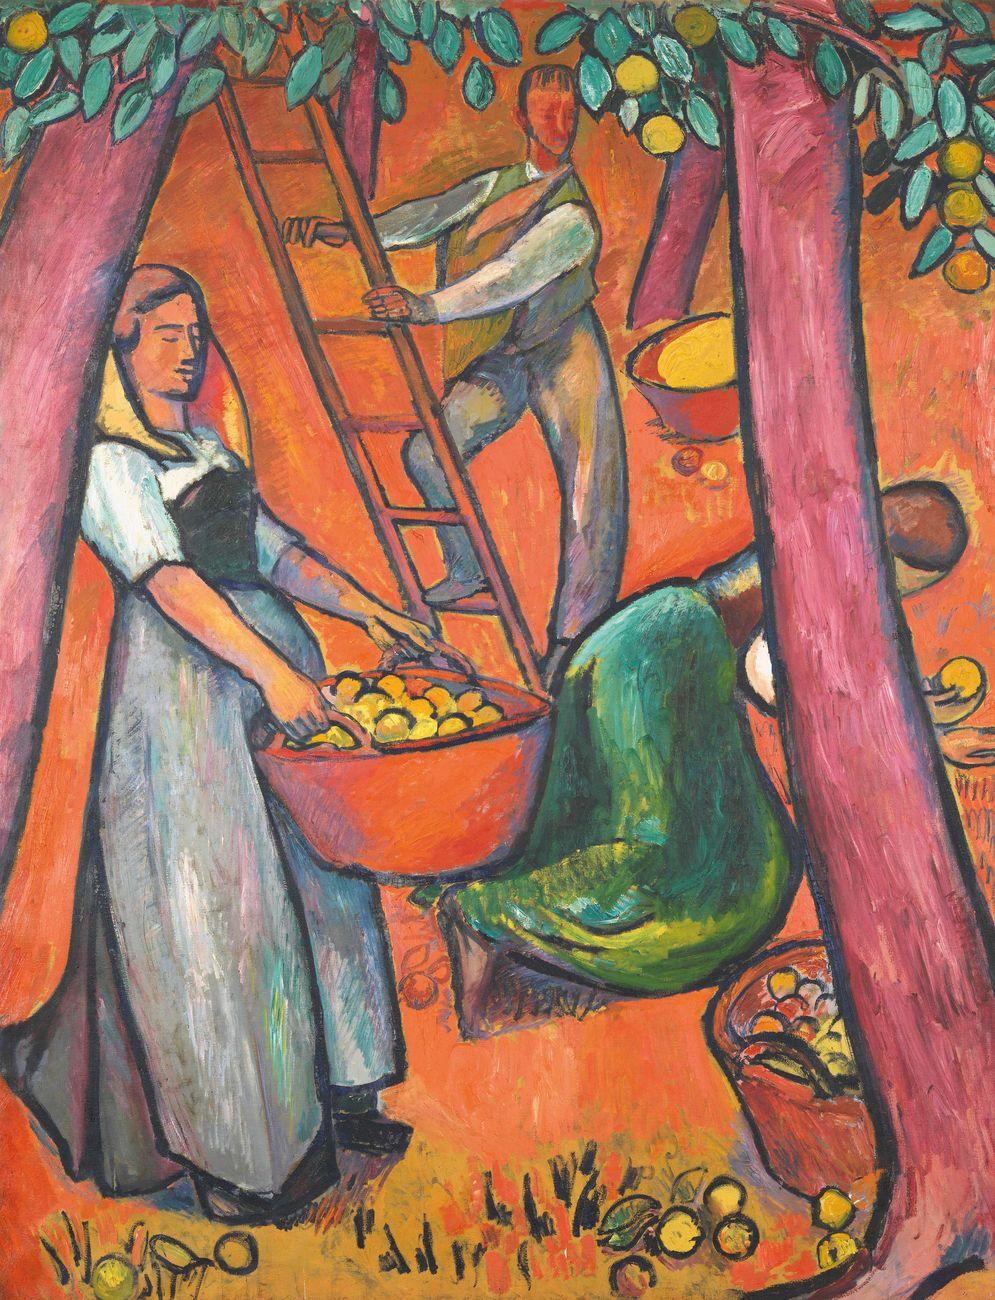 Cuno Amiet, La raccolta della frutta I, 1914. Collezione privata. (c) M.+D. Thalmann, Herzogenbuchsee. Photo credit SIK ISEA, Zurigo (Philipp Hitz)